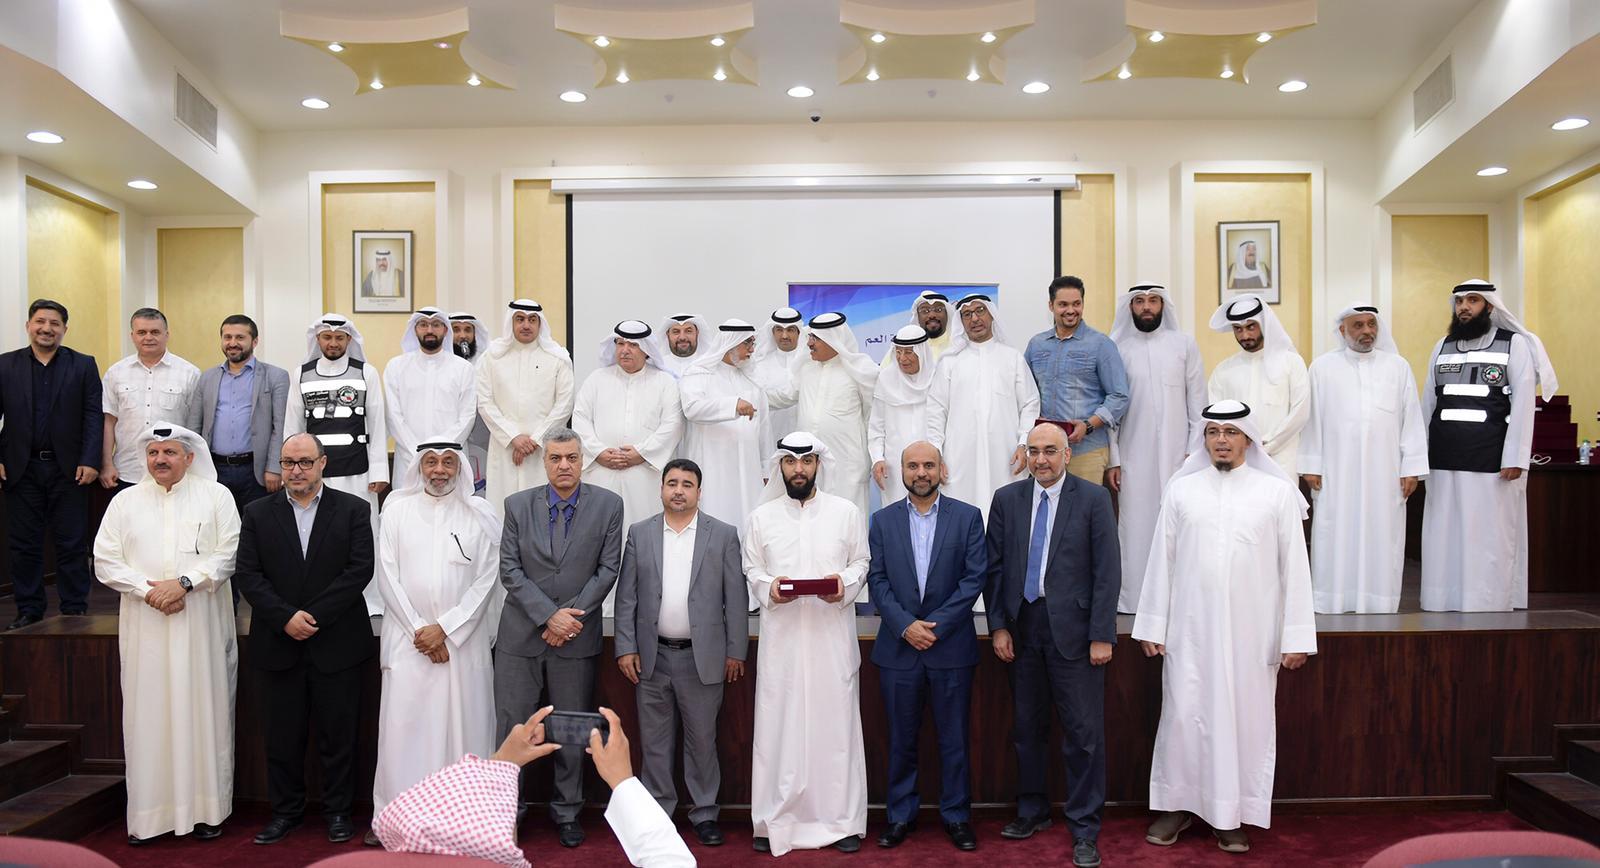 الخرافي: نجاح «أيادي بيضاء» يؤكد عراقة العمل الخيري الكويتي